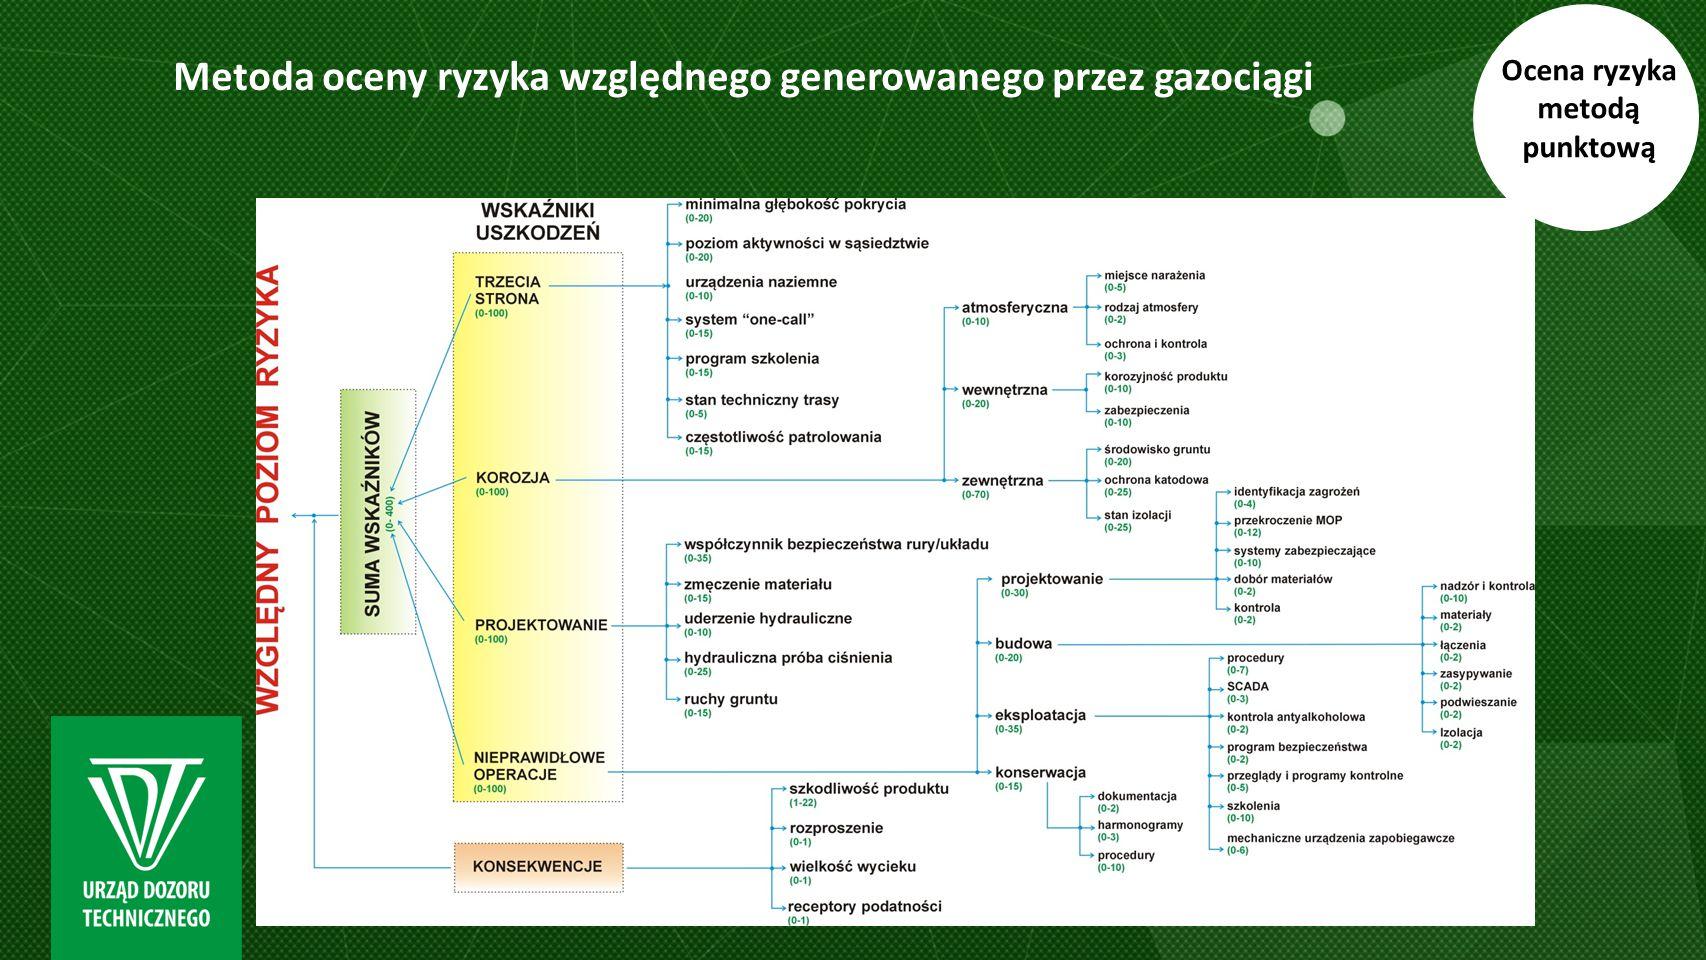 Metoda oceny ryzyka względnego generowanego przez gazociągi